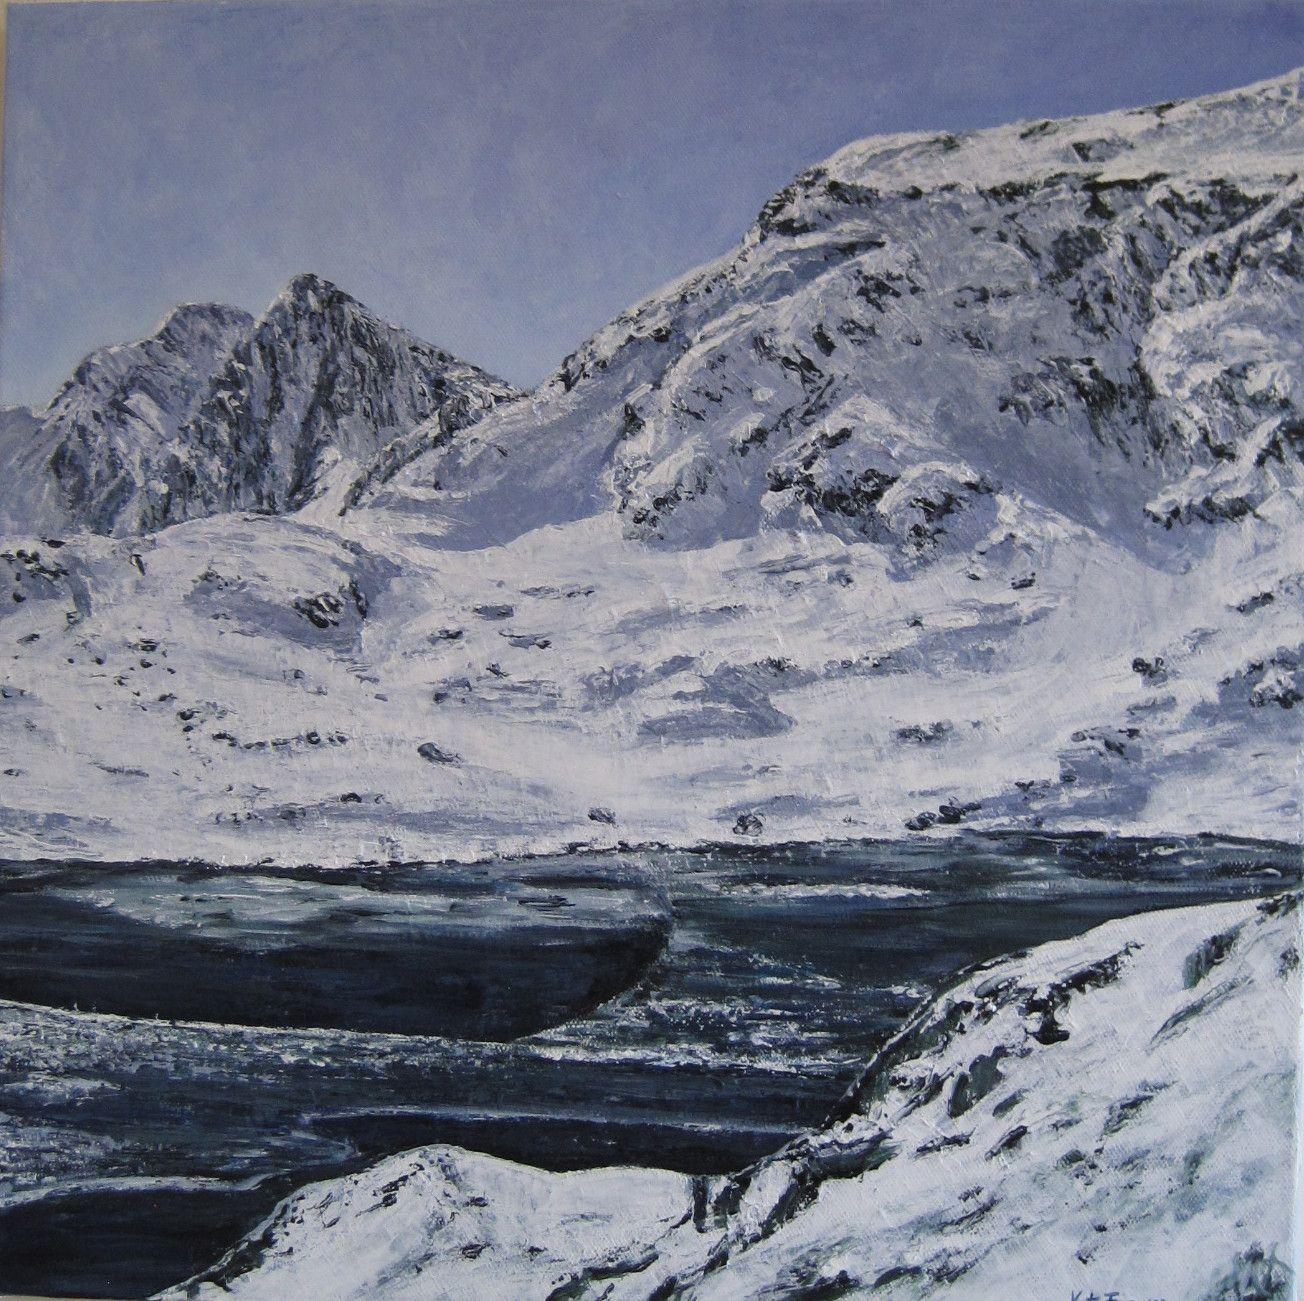 Snowdonia scene - Acrylics